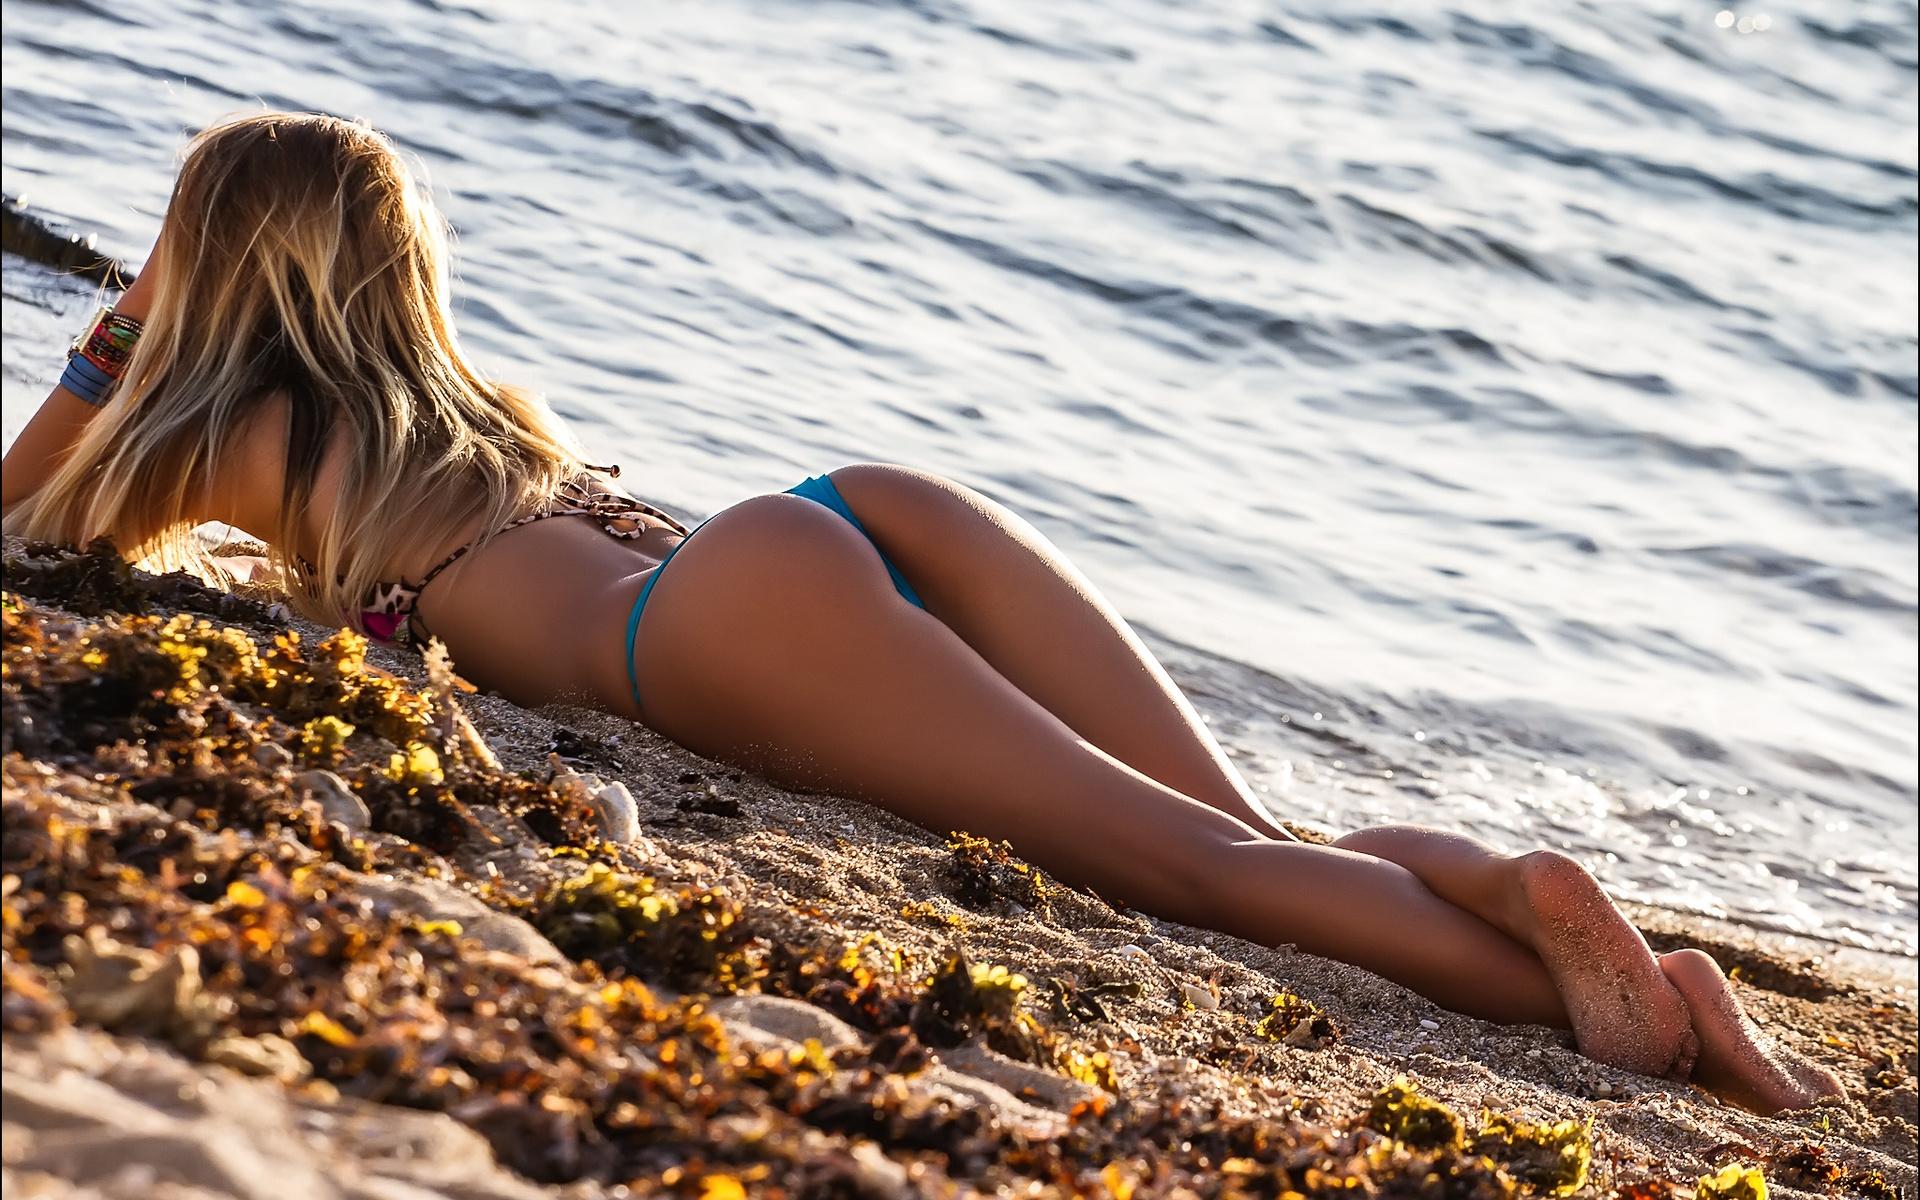 Девушки фото красивых поп на берегу моря голые торсы мужиков